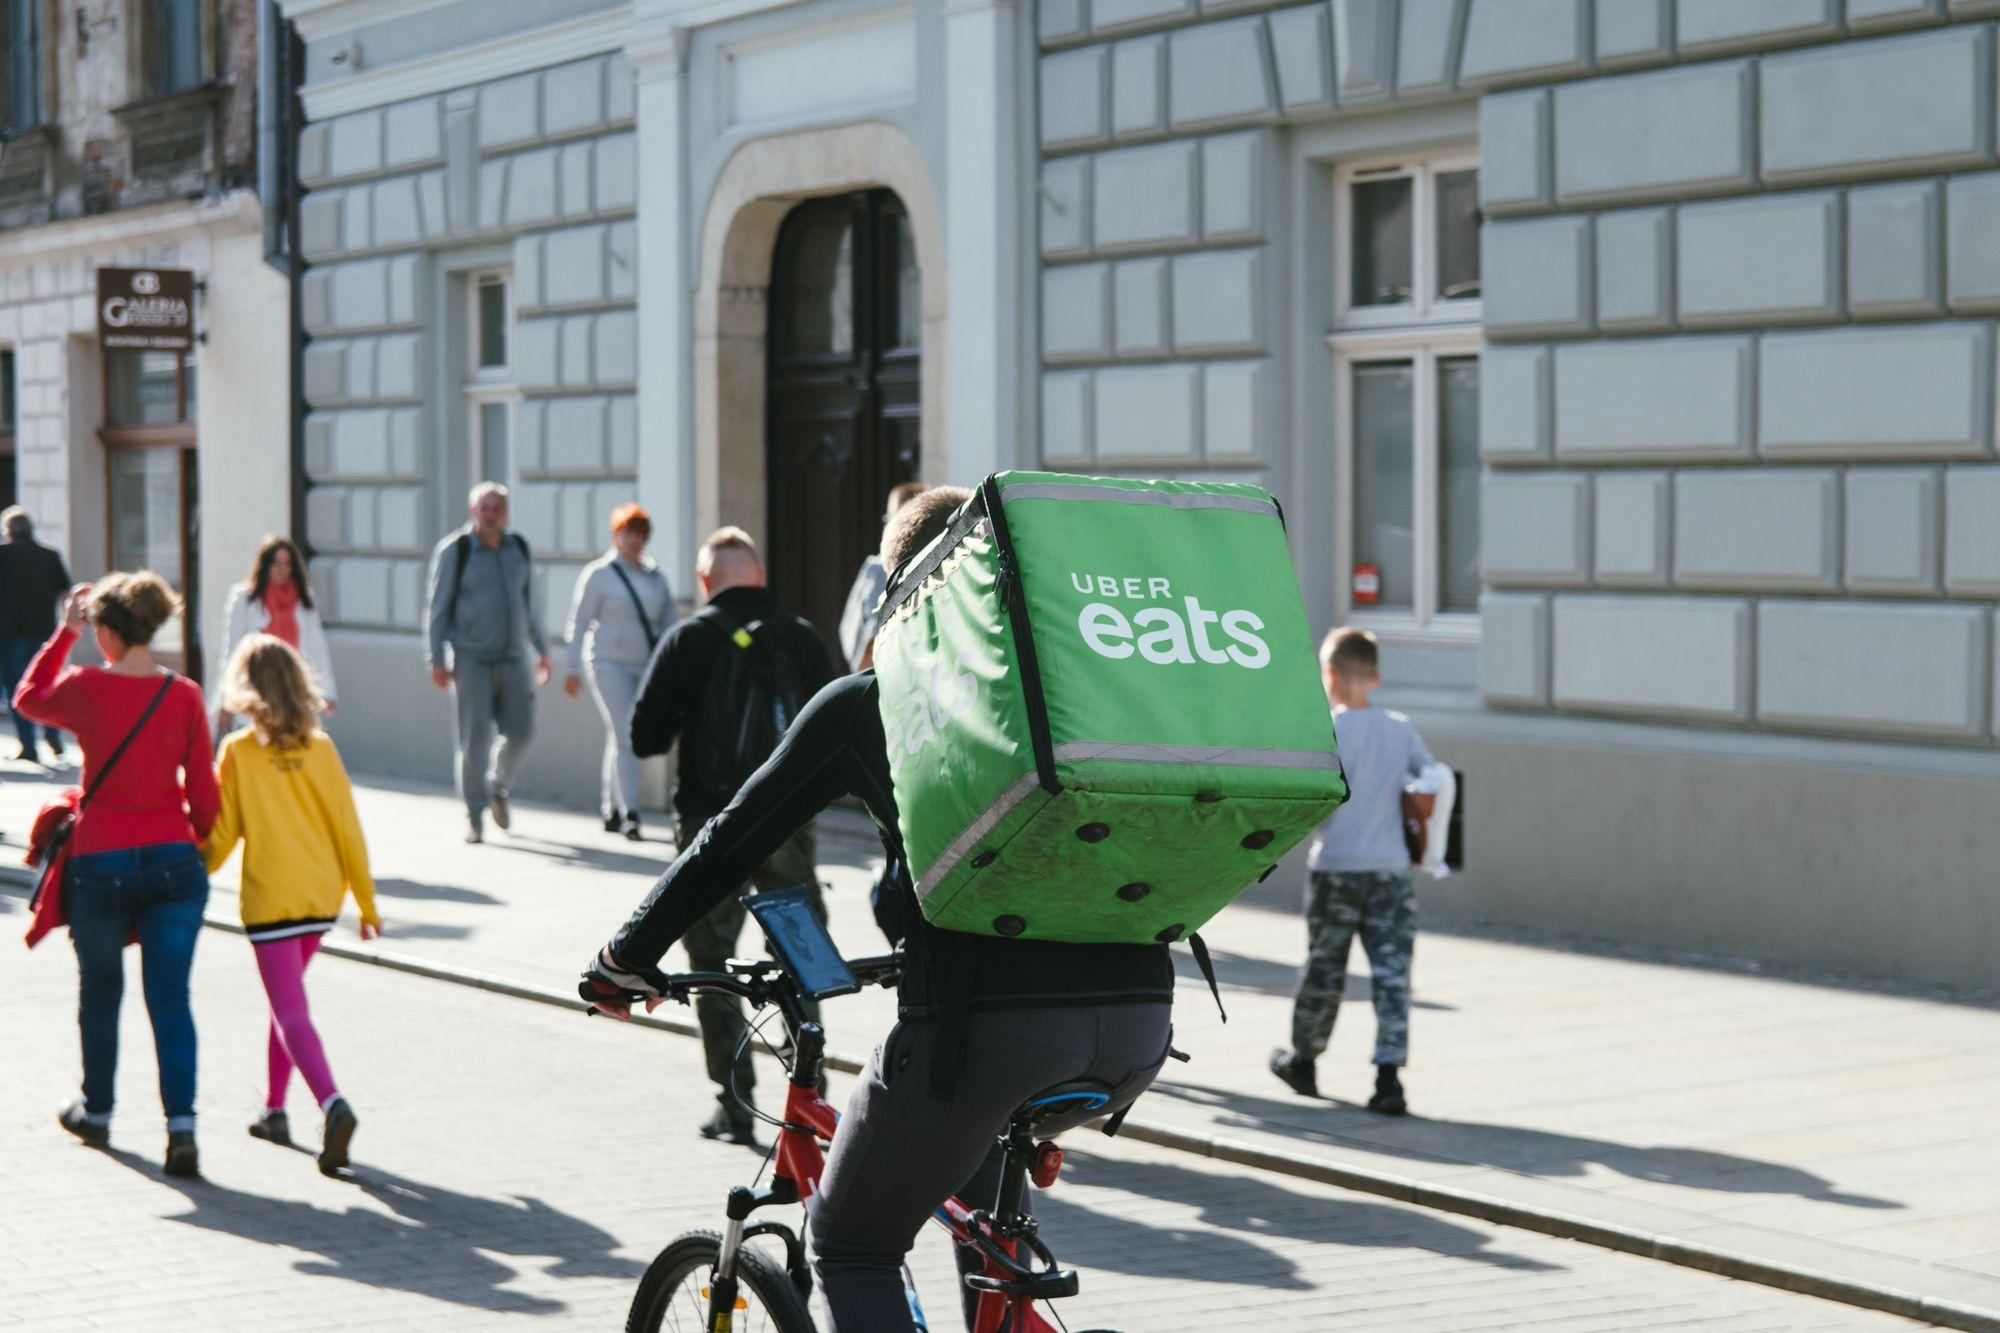 διανομέας σε ποδήλατο